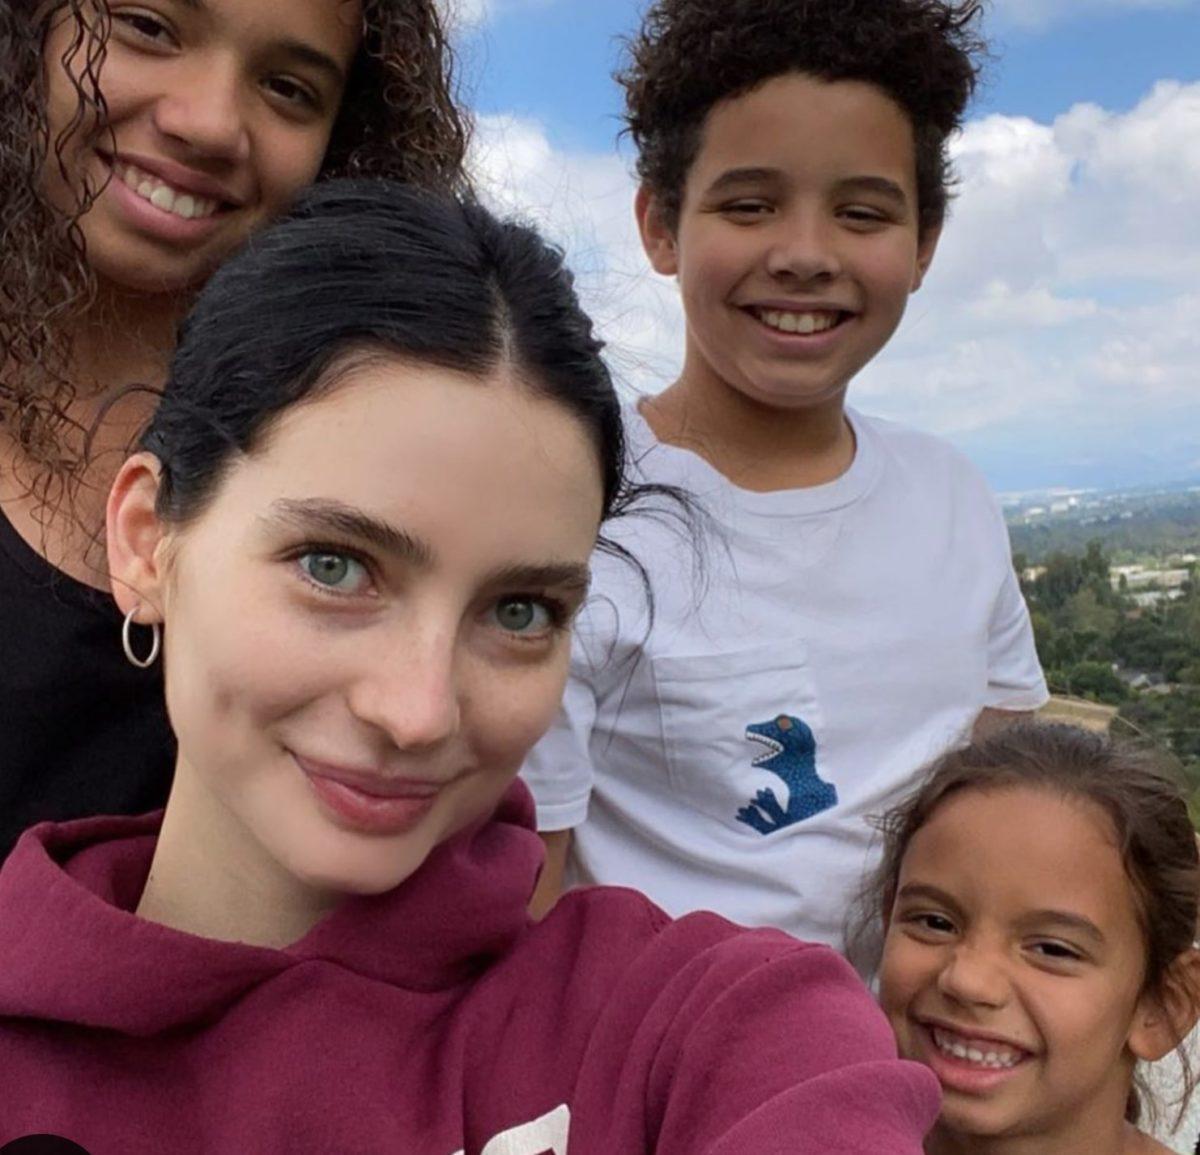 paul walker's meadow takes selfie with vin diesel's kids